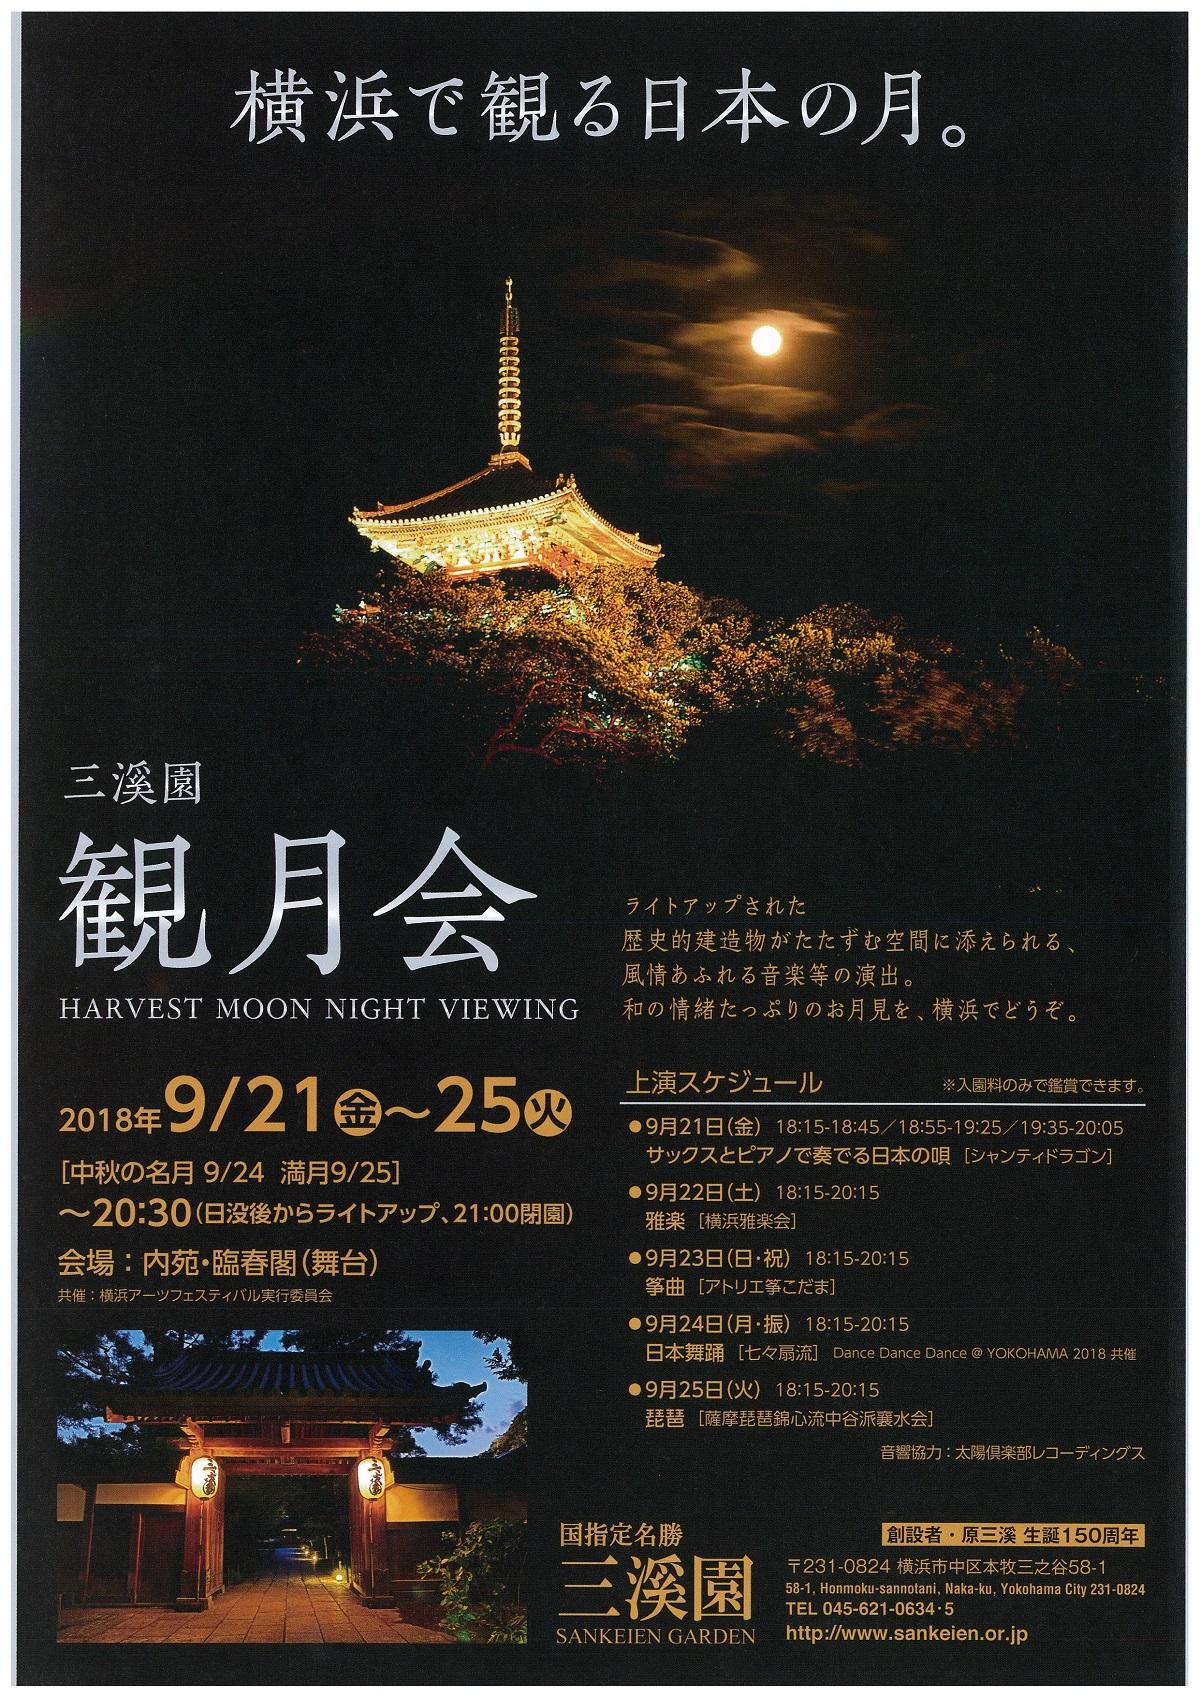 【本牧】横浜で観る日本の月。「三溪園観月会」ライトアップされた三重塔などの歴史的建造物が浮かび上がり、情緒豊かに催される音楽や舞踊をお愉しみください。 三溪園の創設者・原三溪生誕150周年にちなみ、ゆかりの日本舞踊を上演! 横浜市 2018年9月14日 15時00分 十五夜の月が照らす宵闇に、ライトアップされた三重塔などの歴史的建造物が浮かび上がり、情緒豊かに催される音楽や舞踊。異国情緒の街・横浜にあって、古都のような風情のロケーションのなかで中秋の夜を過ごせるのが、三溪園観月会です。特に園の創設者・原三溪の生誕150周年にあたる今年は、三溪の作詞による曲「復興小唄 濱自慢」の日本舞踊上演も予定しています。眺めと音・舞で演出される、特別な和のひと時をぜひお楽しみください。